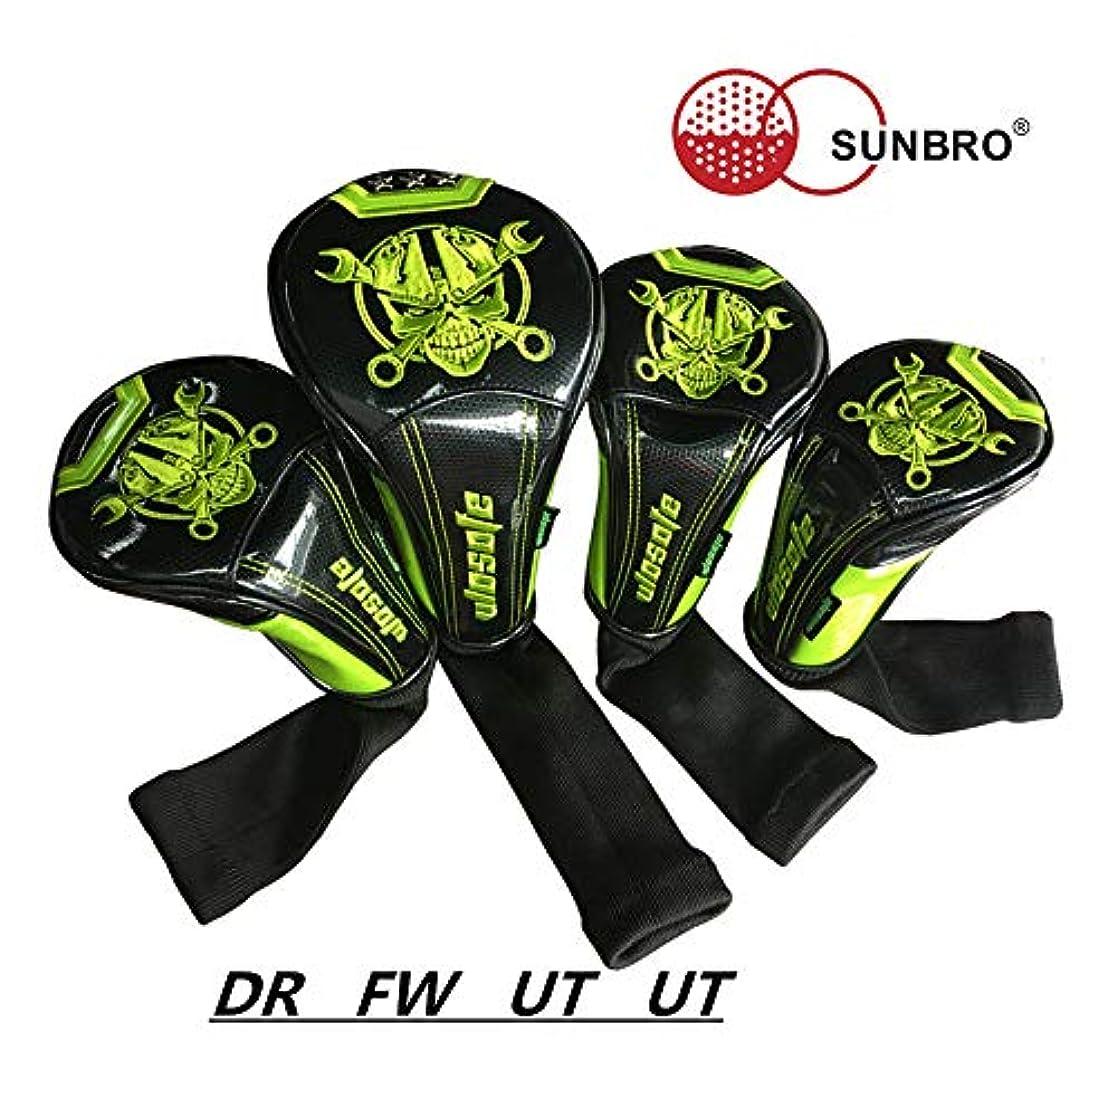 醜い有効化寸法Sunbro Golf 作りしっかり 輝くリベット 高級刺繍 Headcovers ドライバー/ウッド/ユーティリティ ゴルフヘッドカバー ロボットスカル 防水仕様 緑